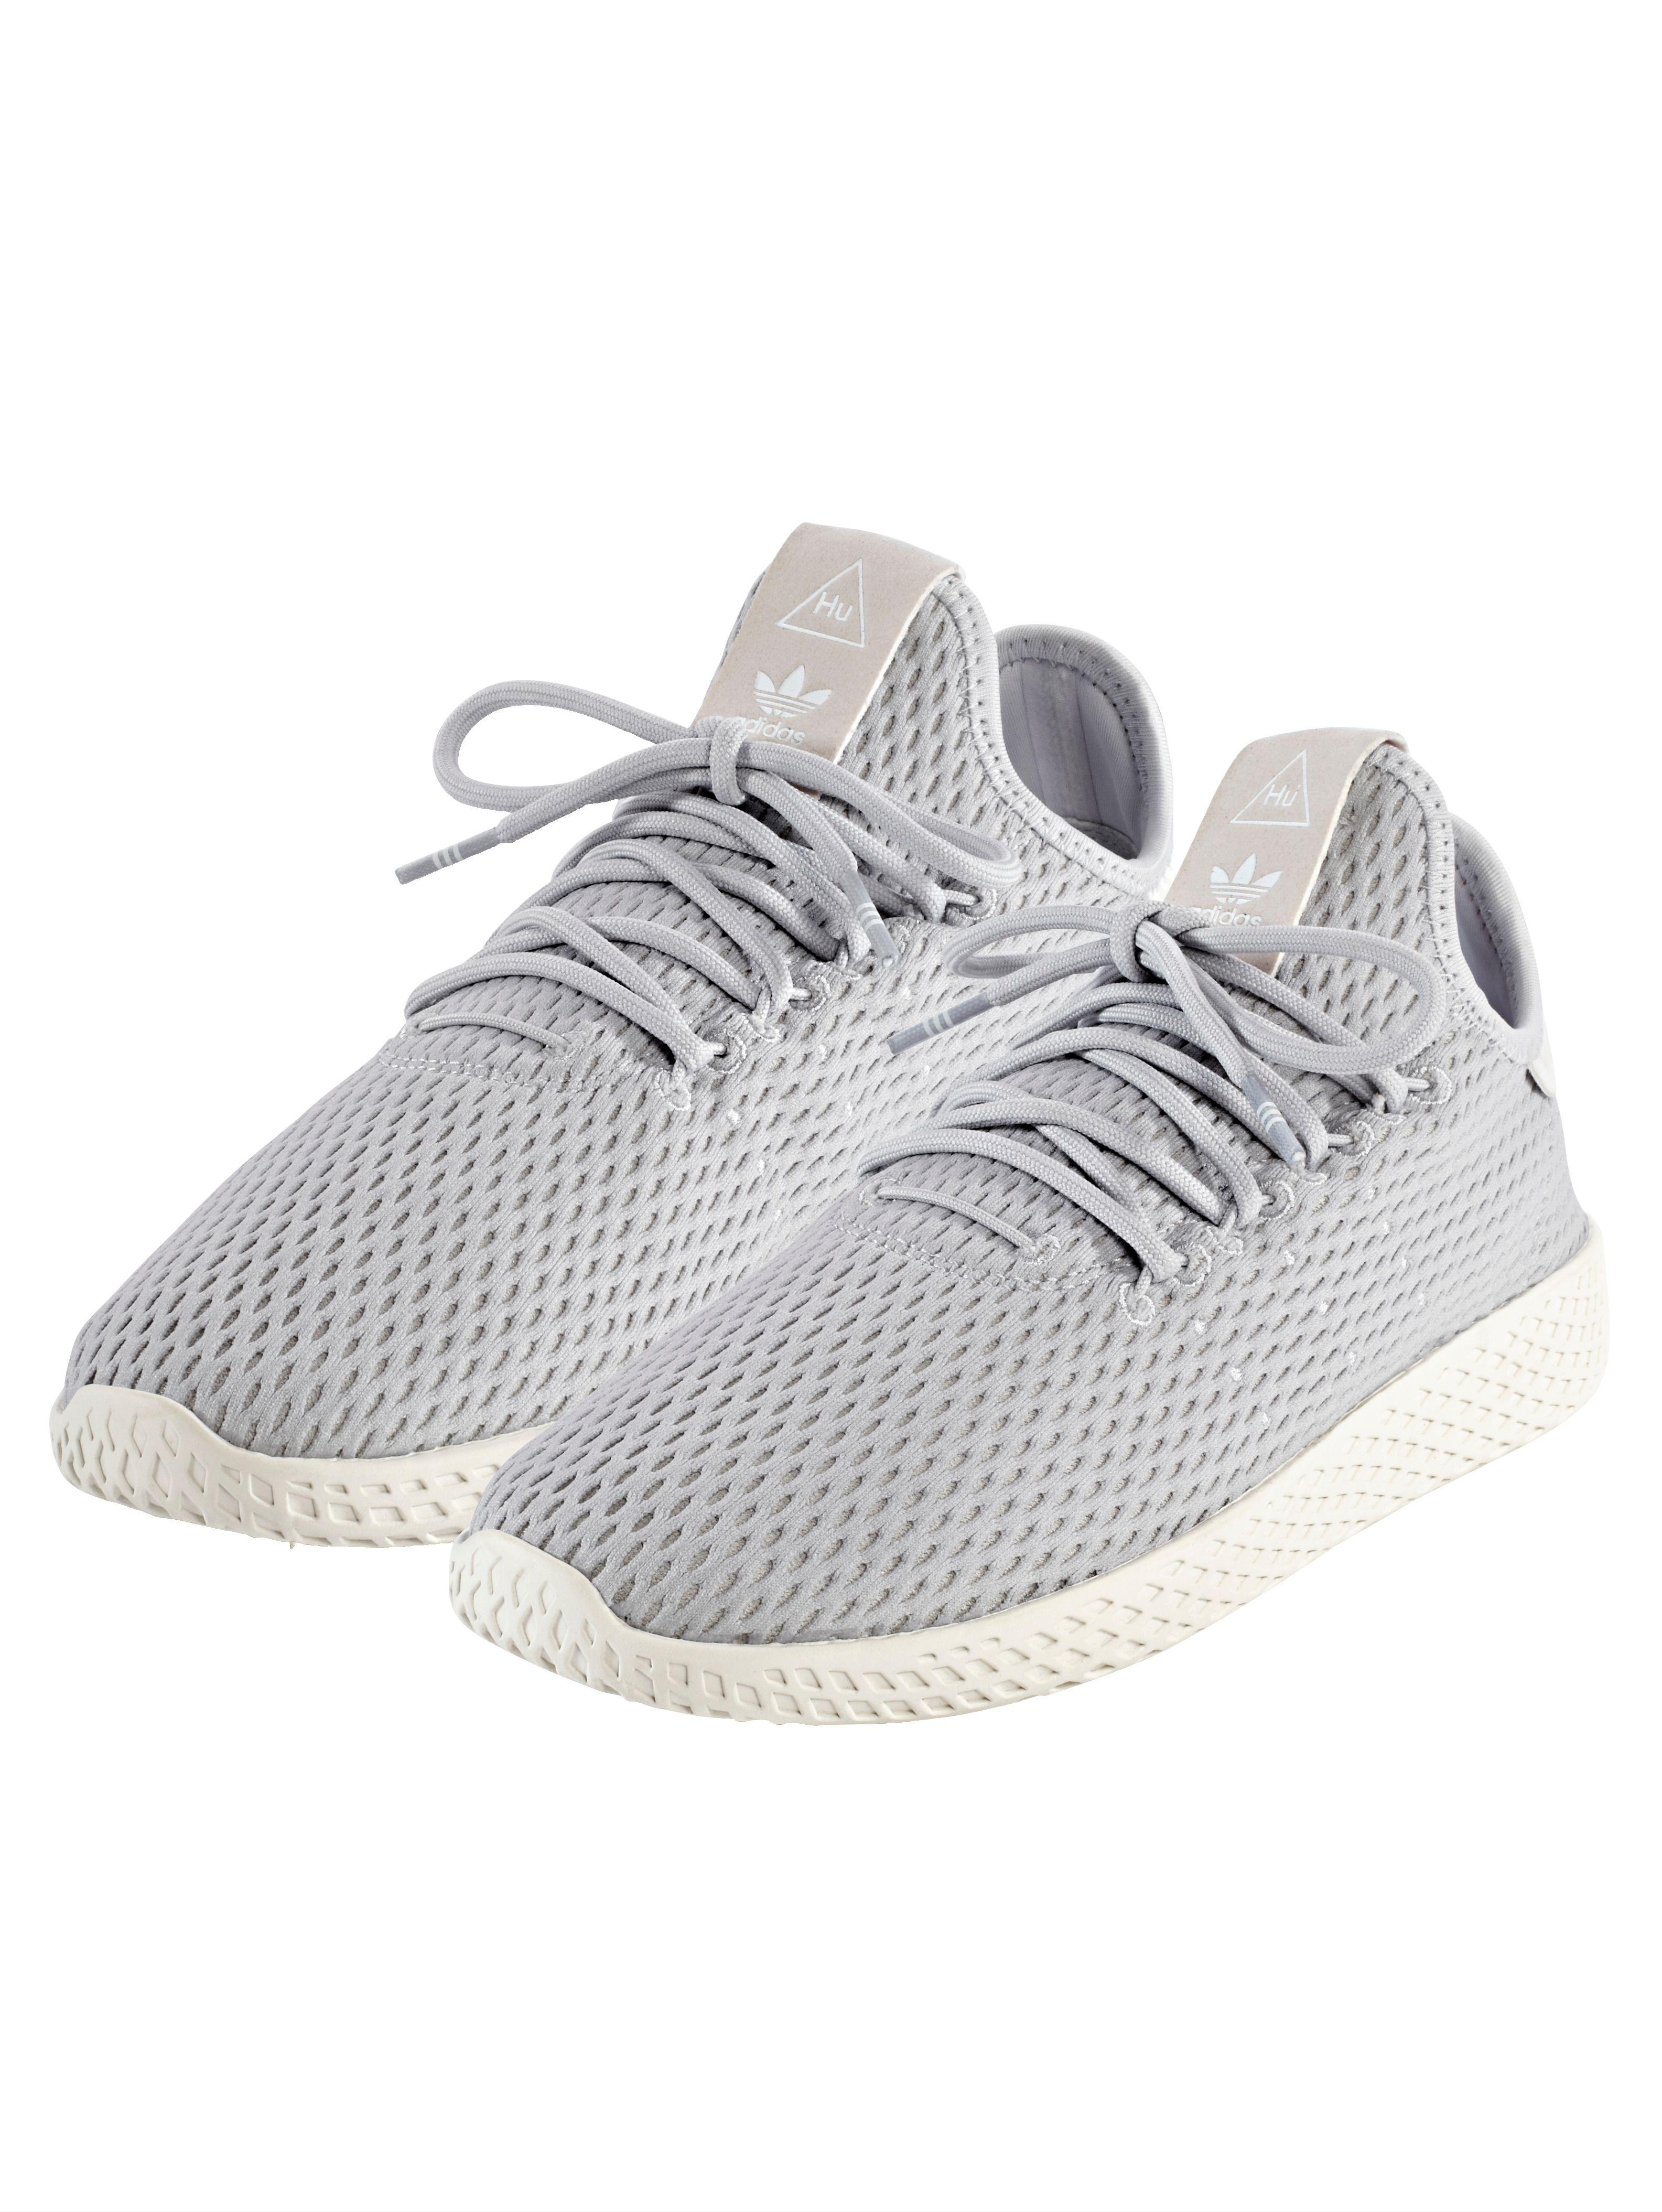 raumidee > schuhe scarpe adidas, aus sehr weichem materiale